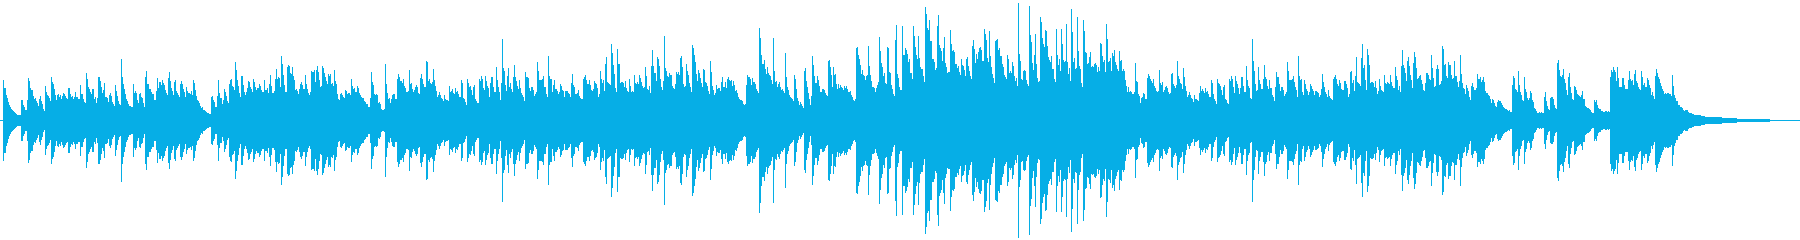 ノスタルジックで穏やかなピアノ曲の再生済みの波形